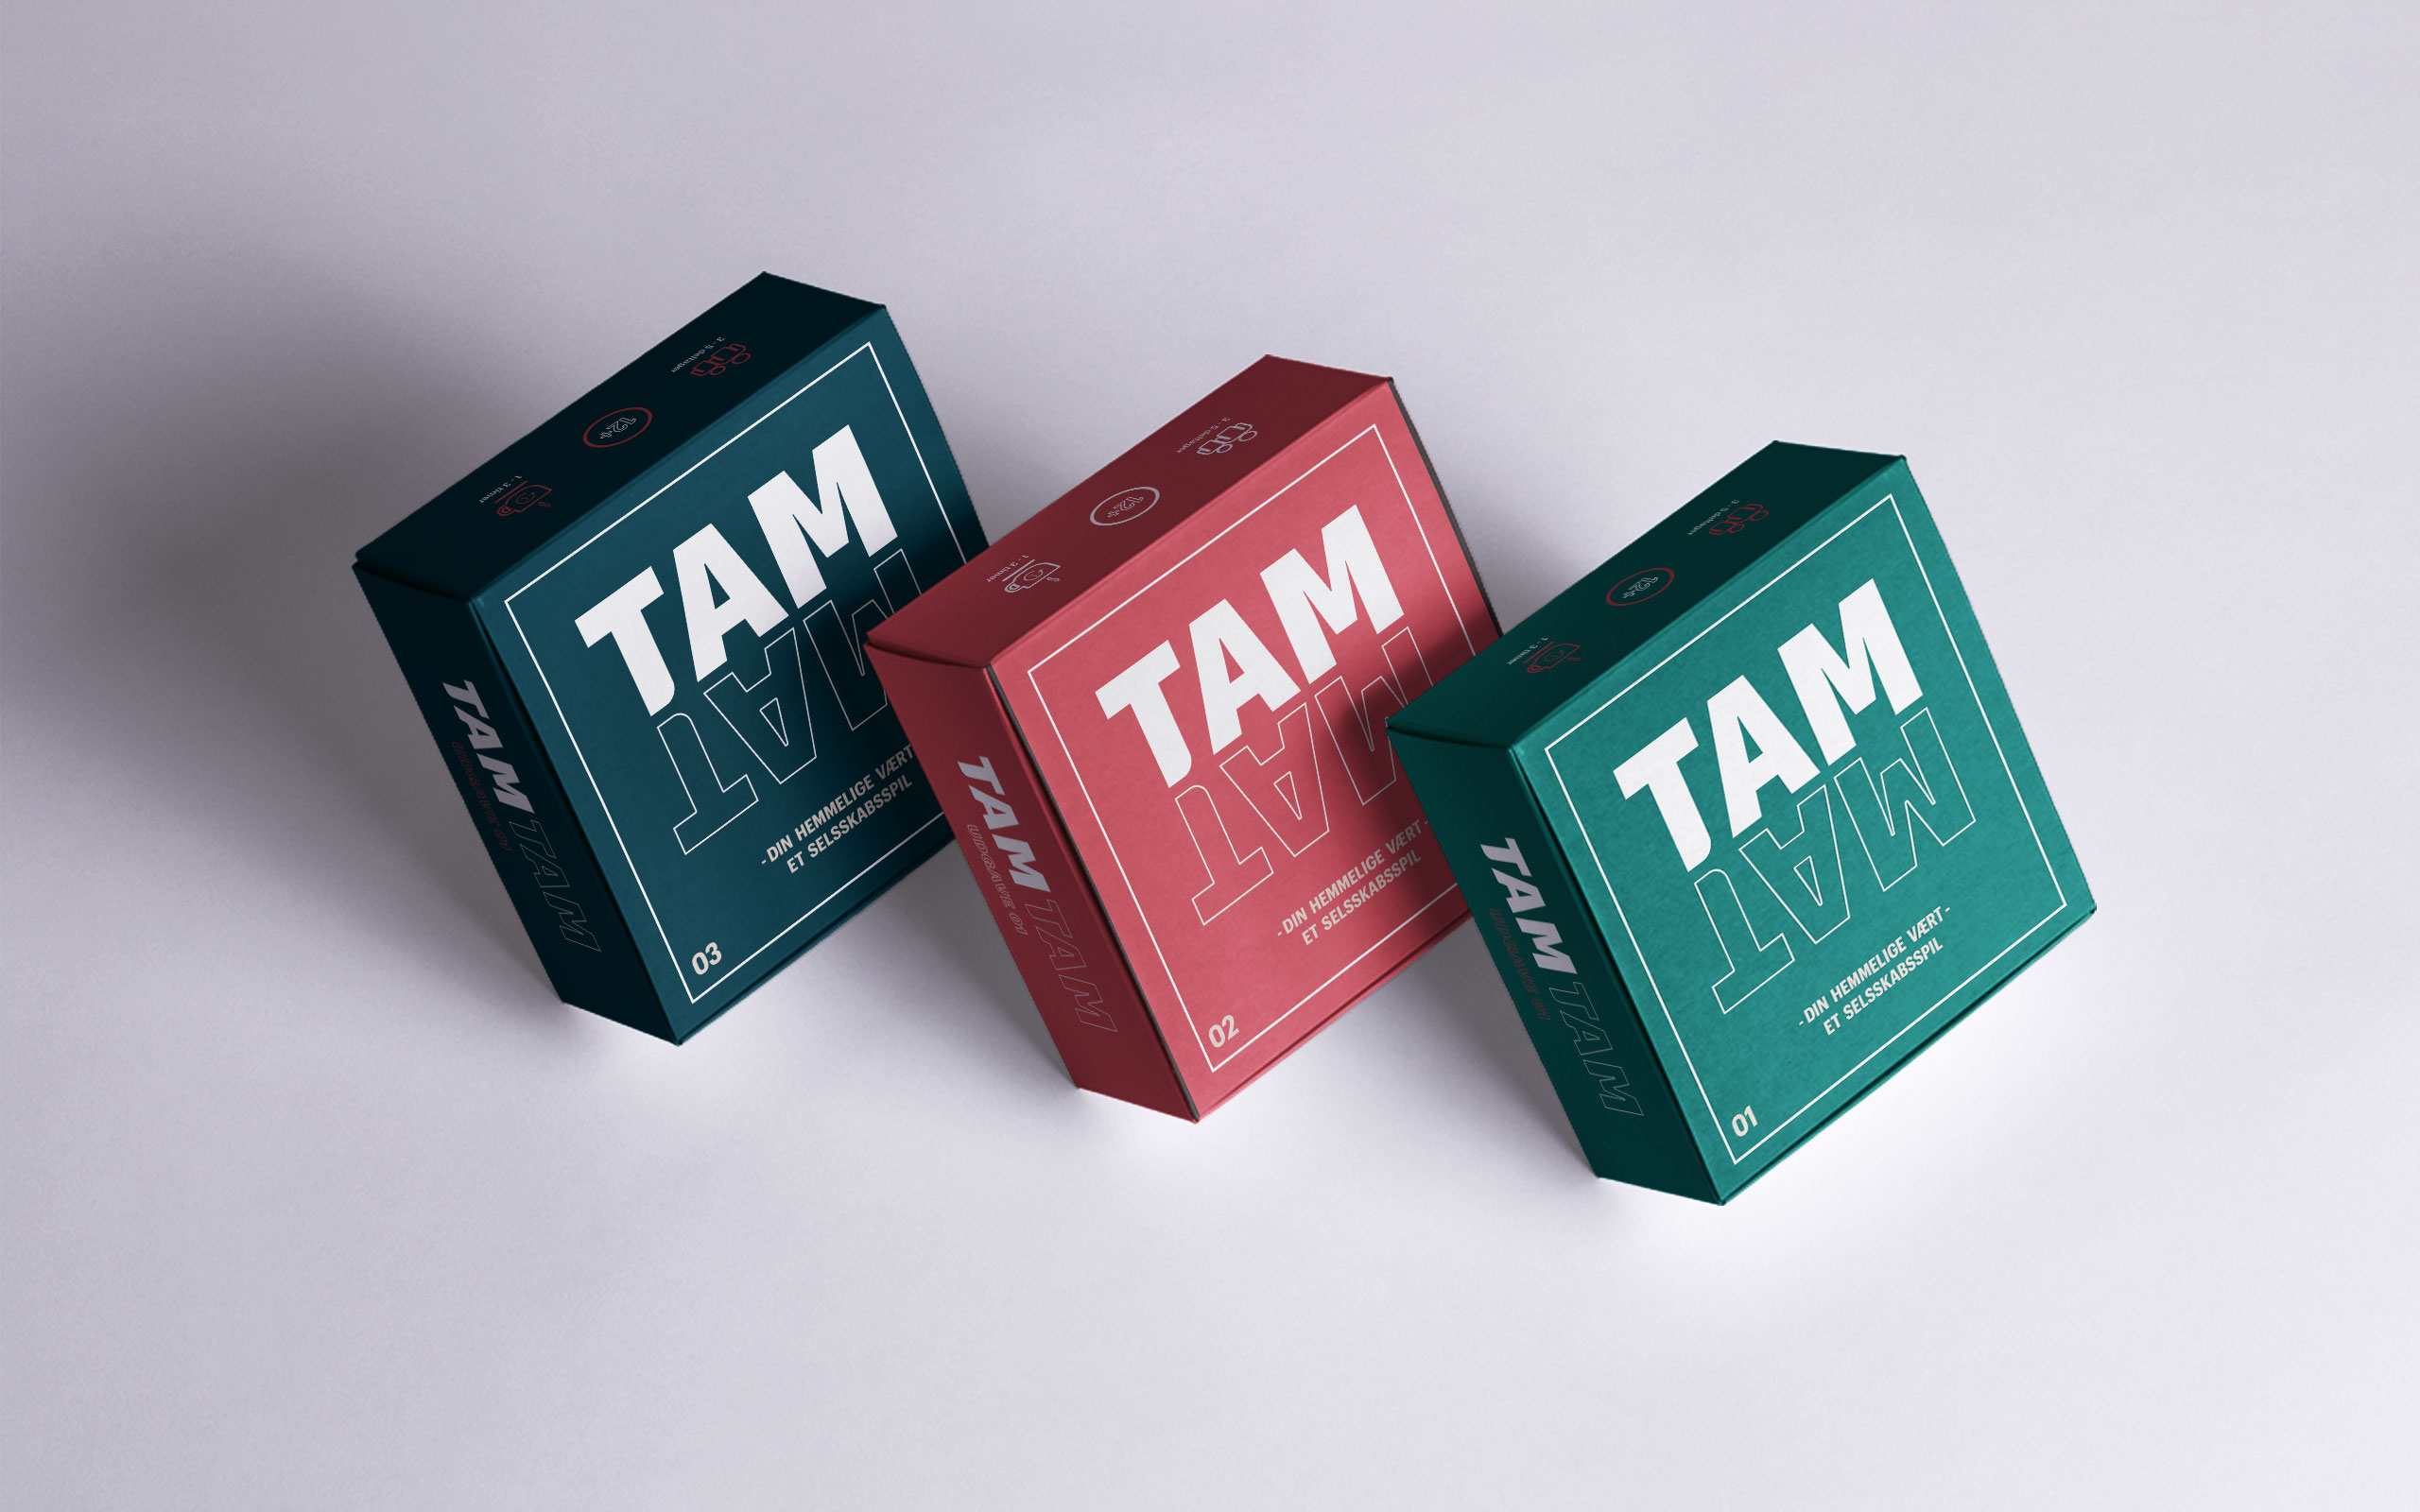 TAMTAM03